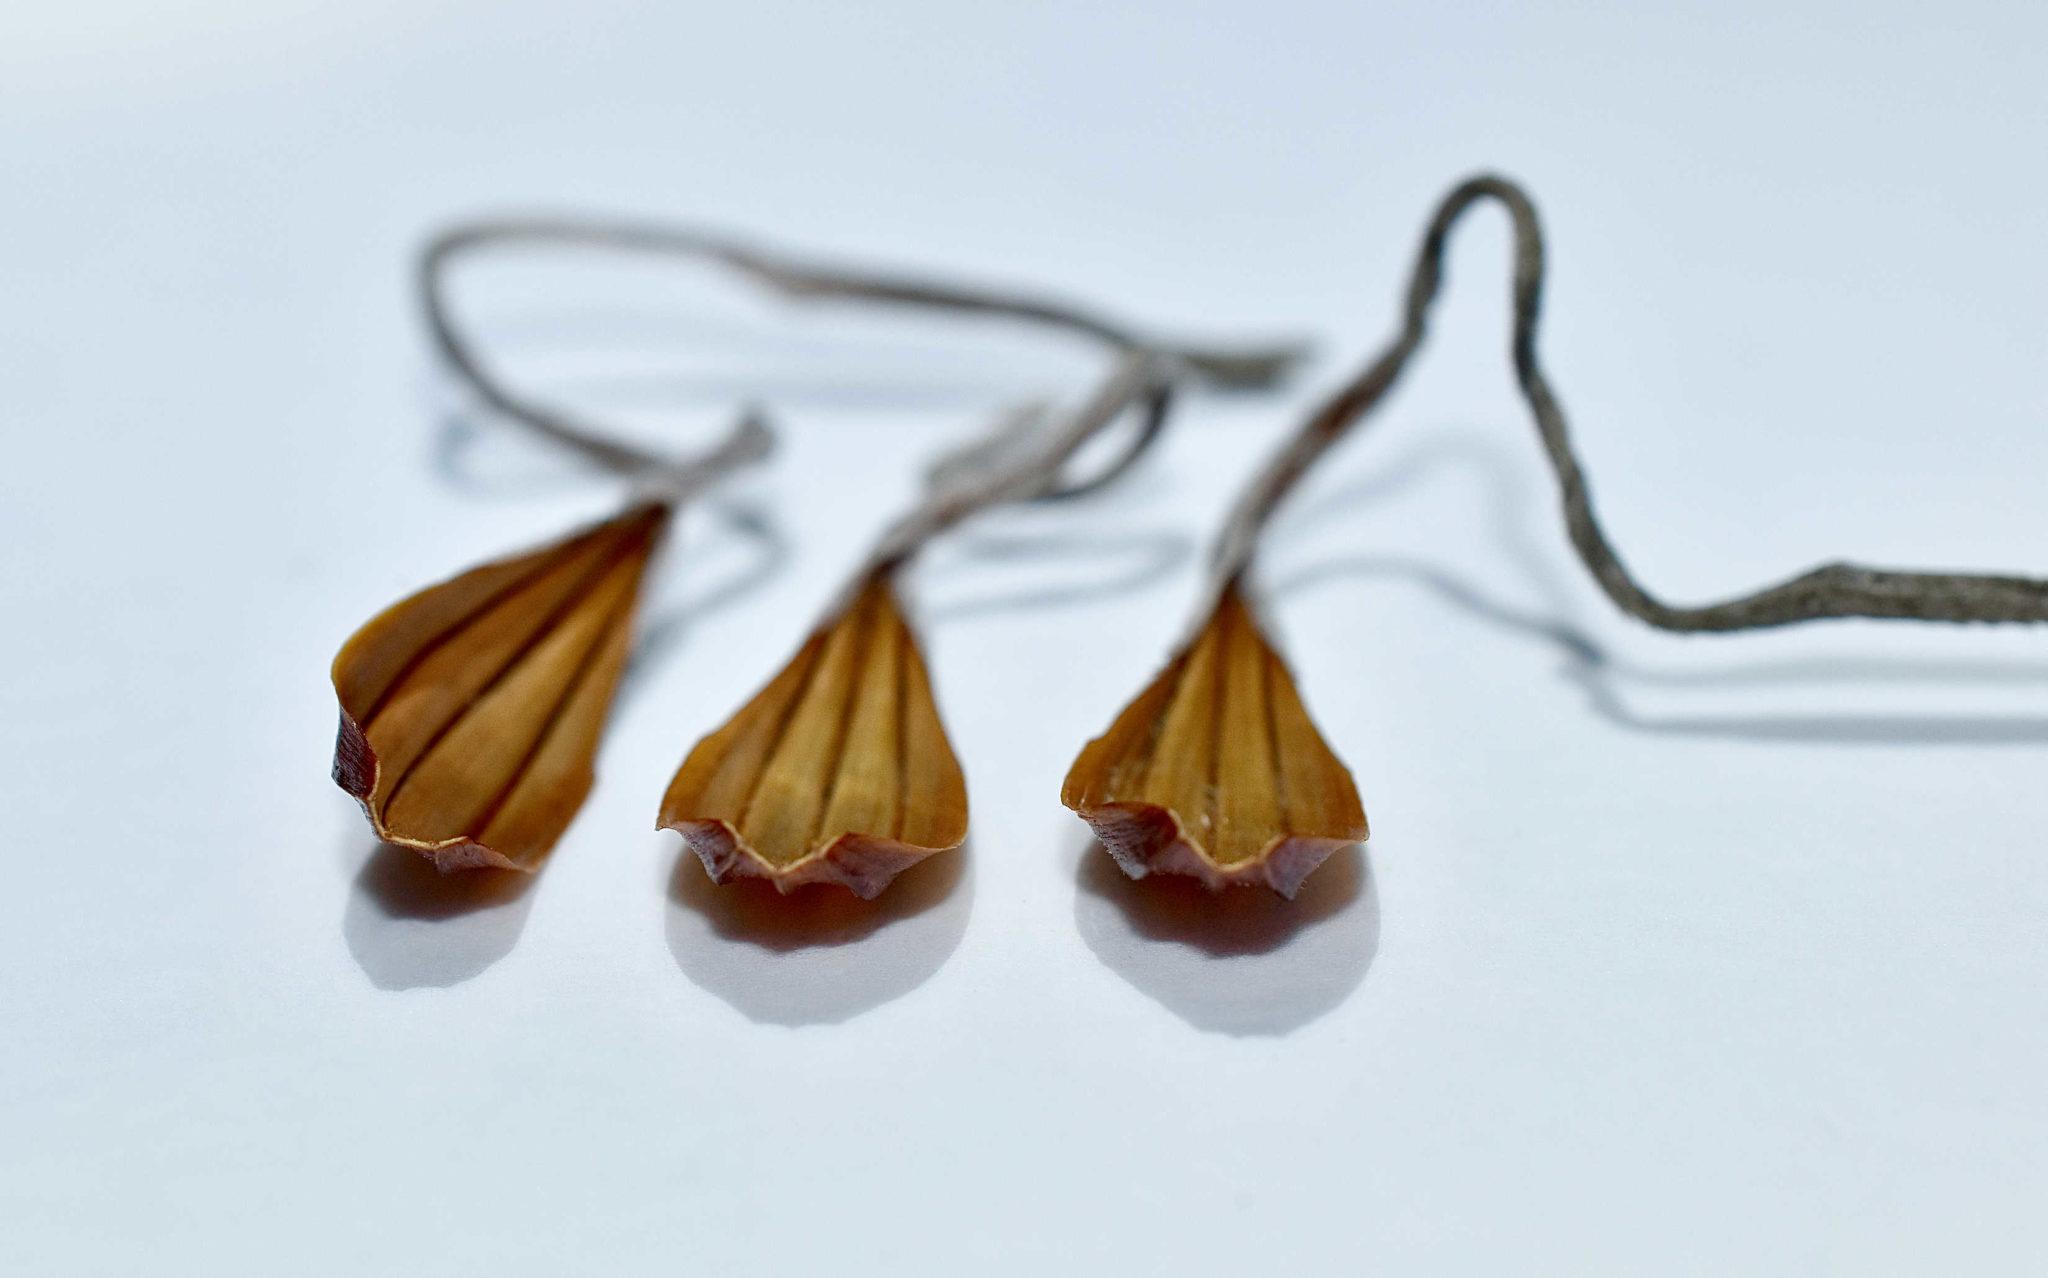 Protea Seed Husks